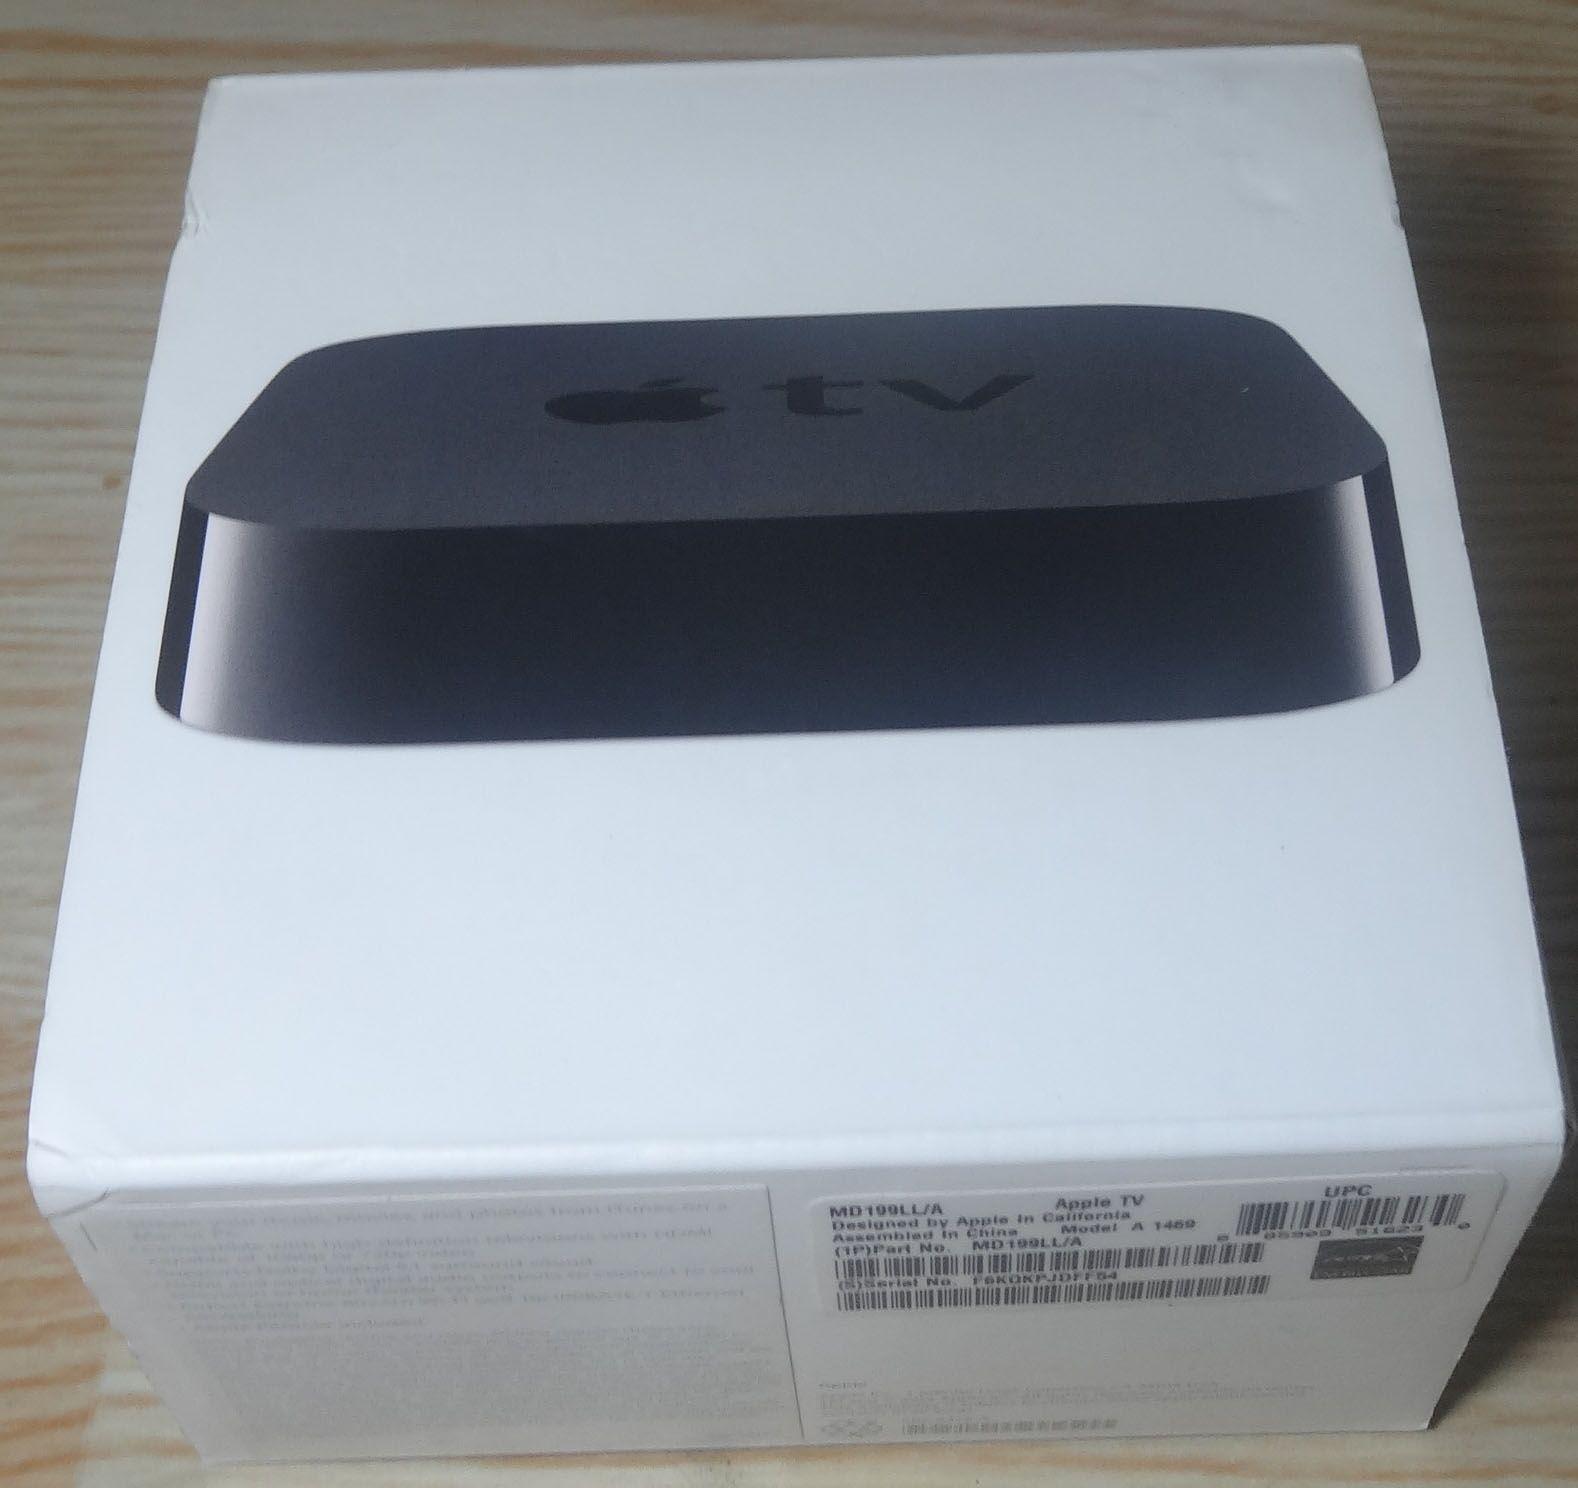 Apple Tv 3º Geração MD199LL/A (Não Enviamos)